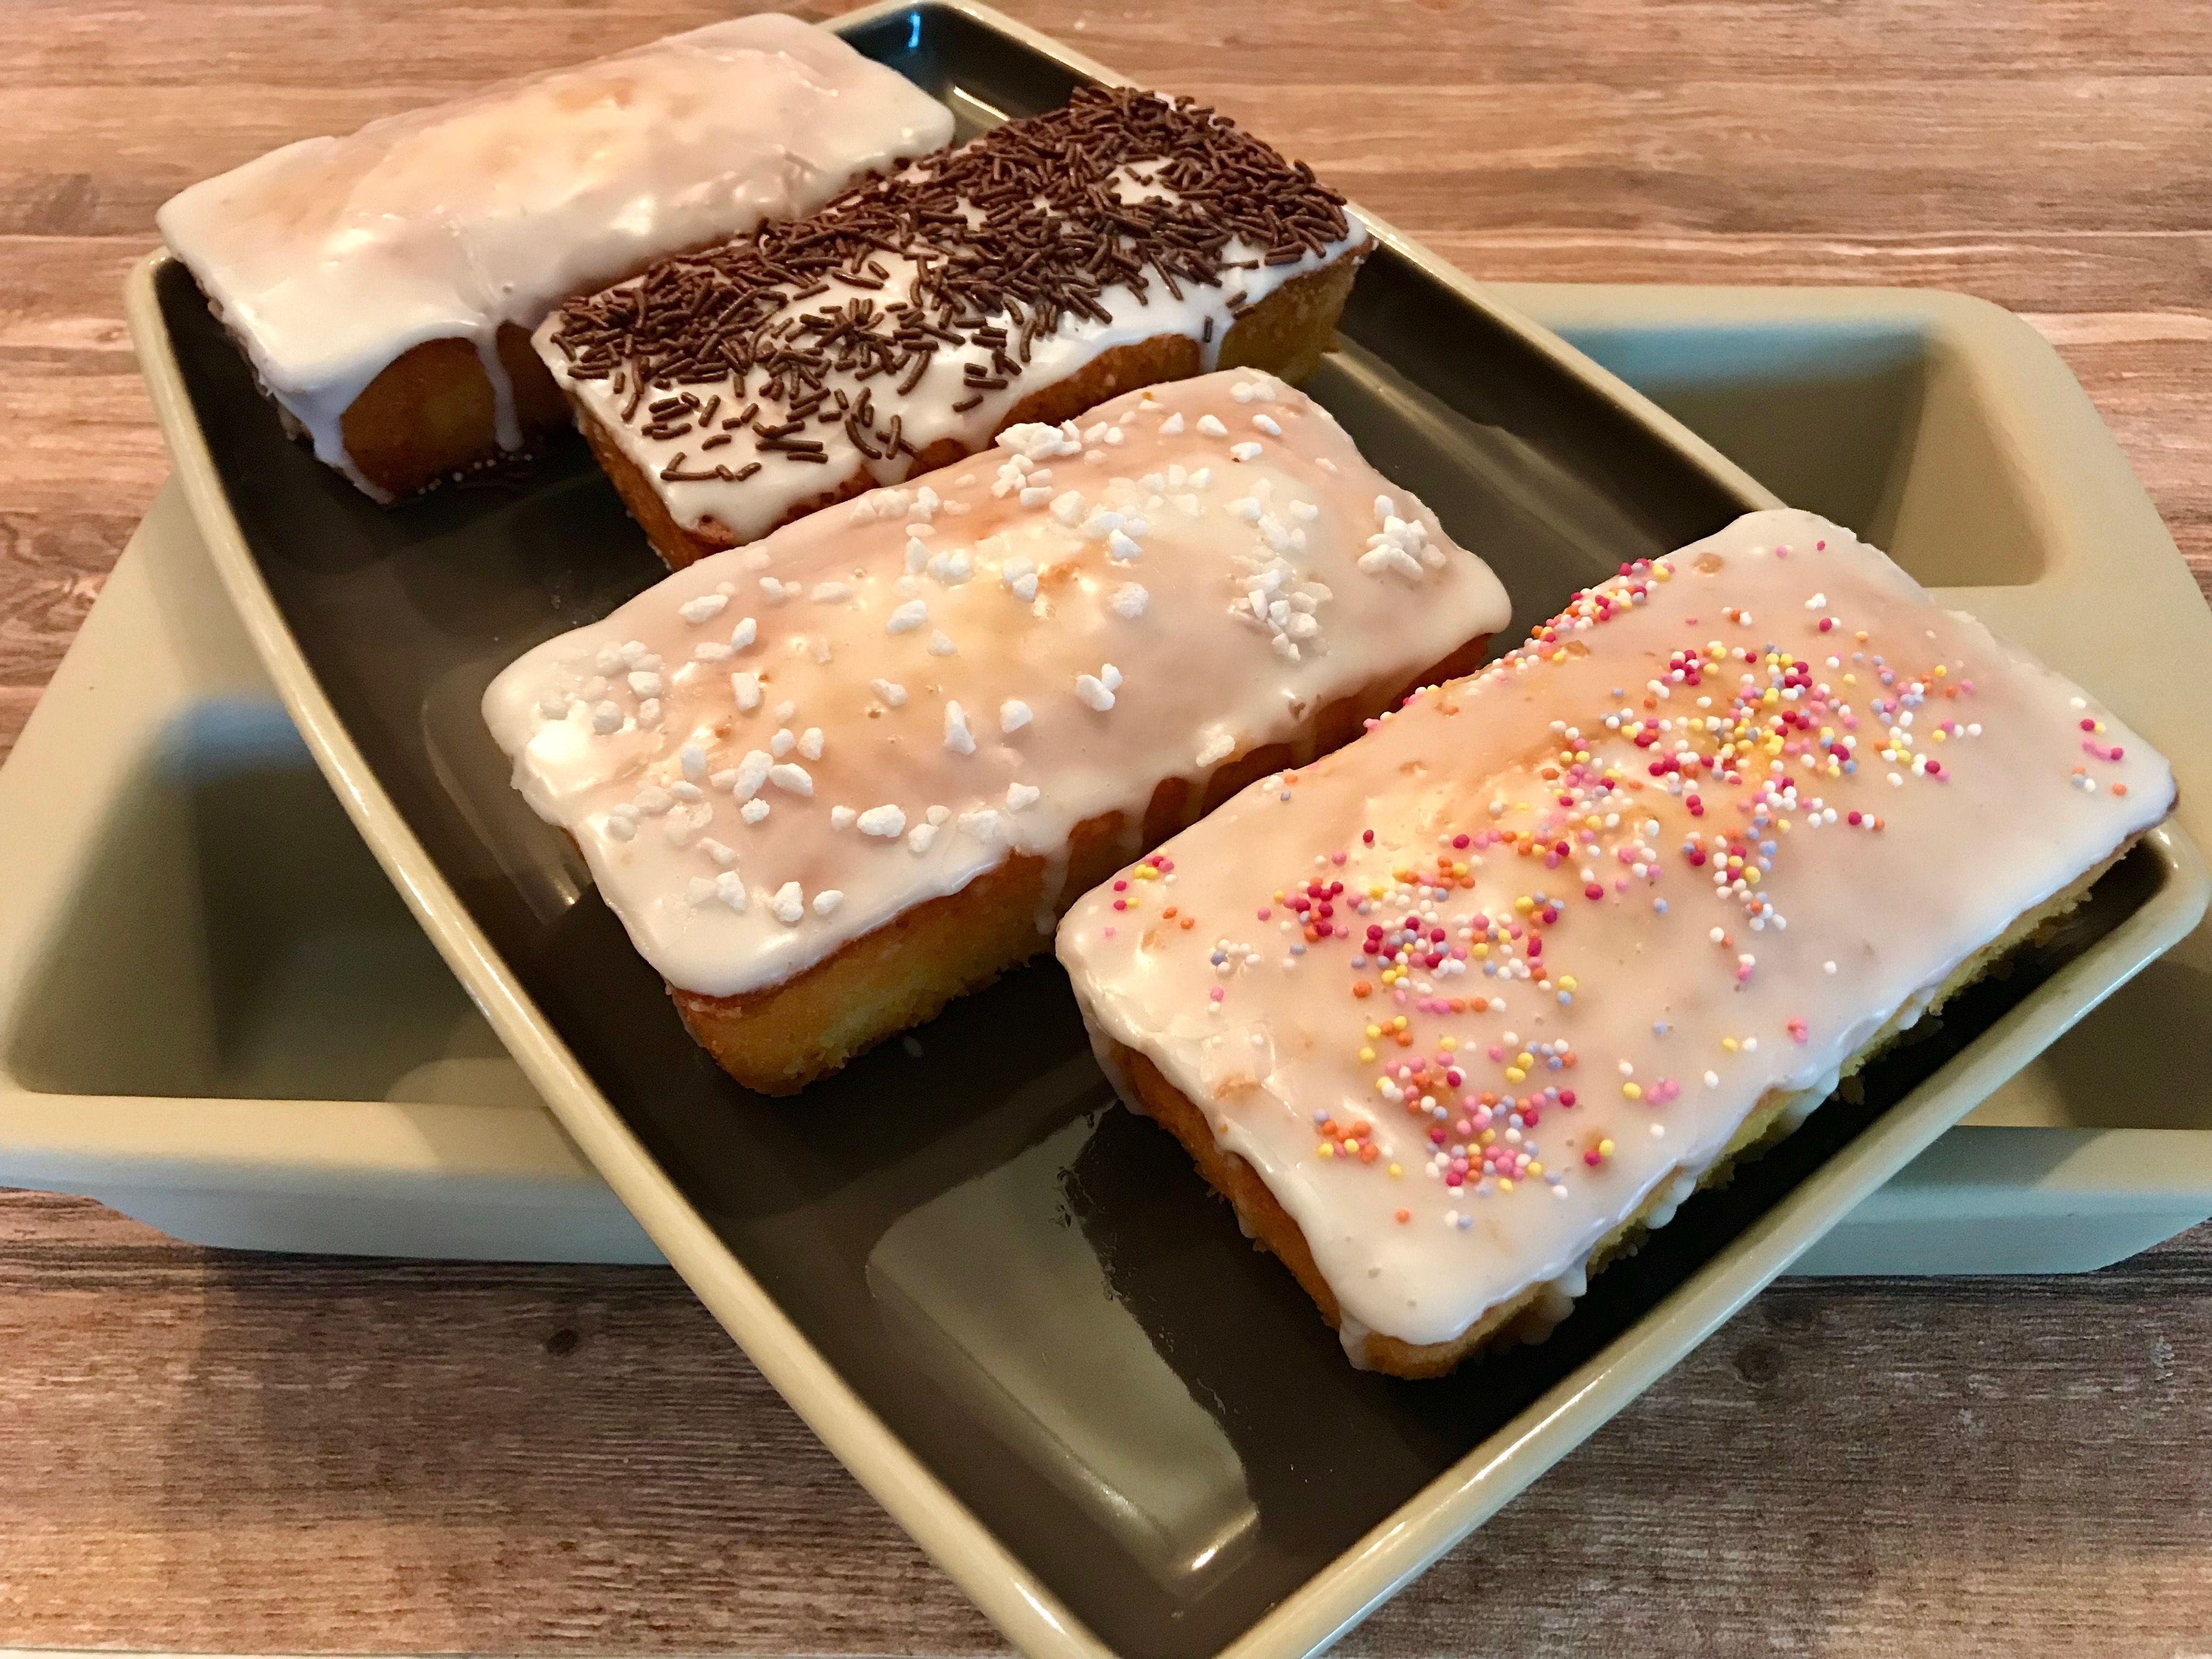 Mini Zitronenkuchen Wie Von Starbucks Aus Der Mini Kastenform Von Pampered Chef Zitronen Kuchen Zitronenkuchen Lebensmittel Essen